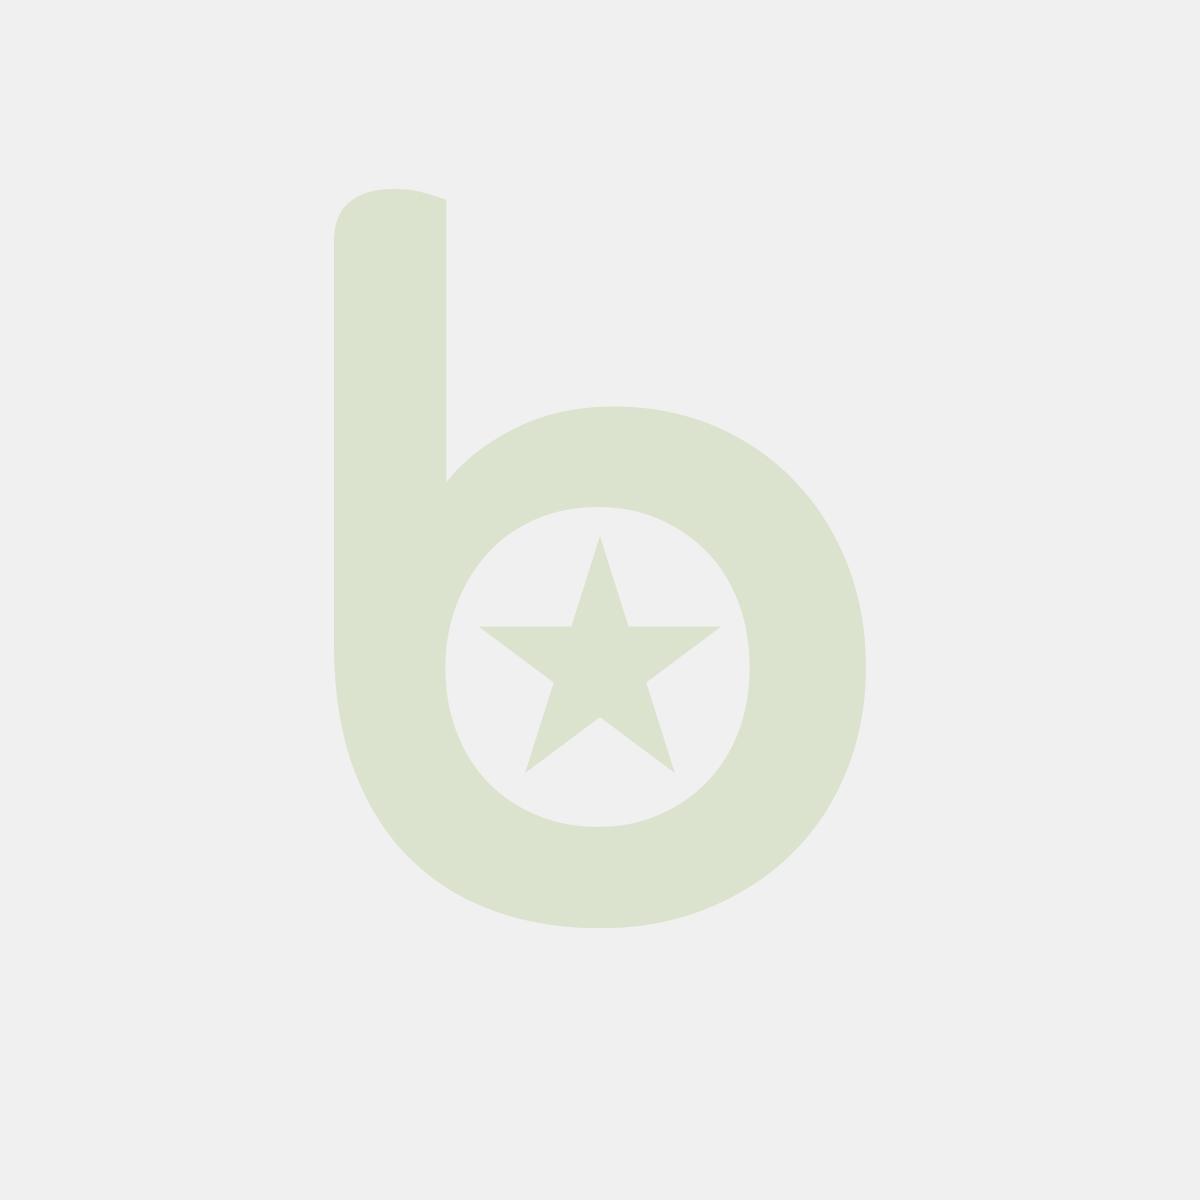 BePulp RD21 pokrywka rPET wysoka op75szt (k/4) , Sabert